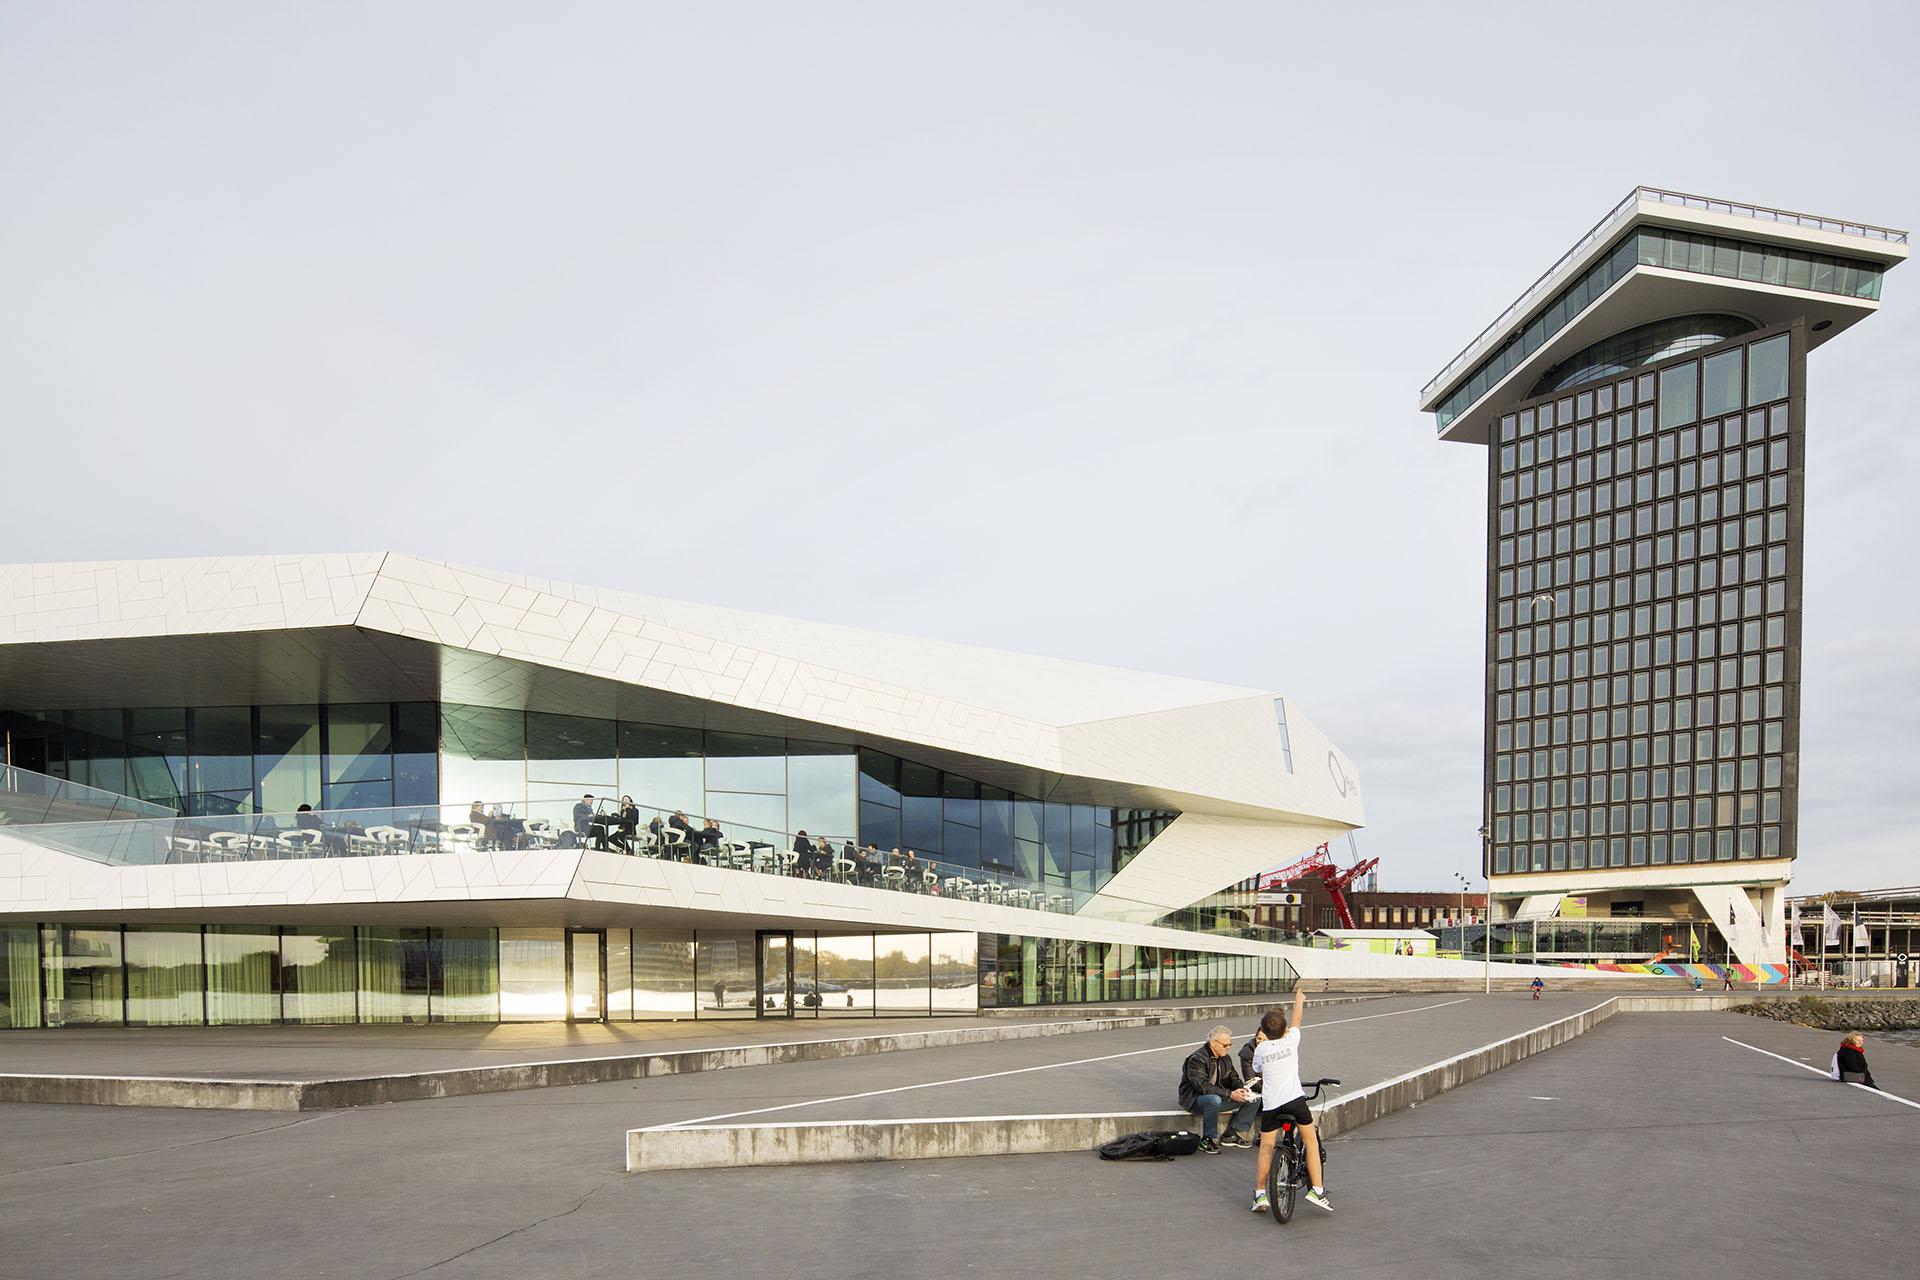 09-marc-koehler-amsterdam-simon-bosch-superlofts-architecture-architectuur-eye-filmmuseum-ij-adam-shell-noord